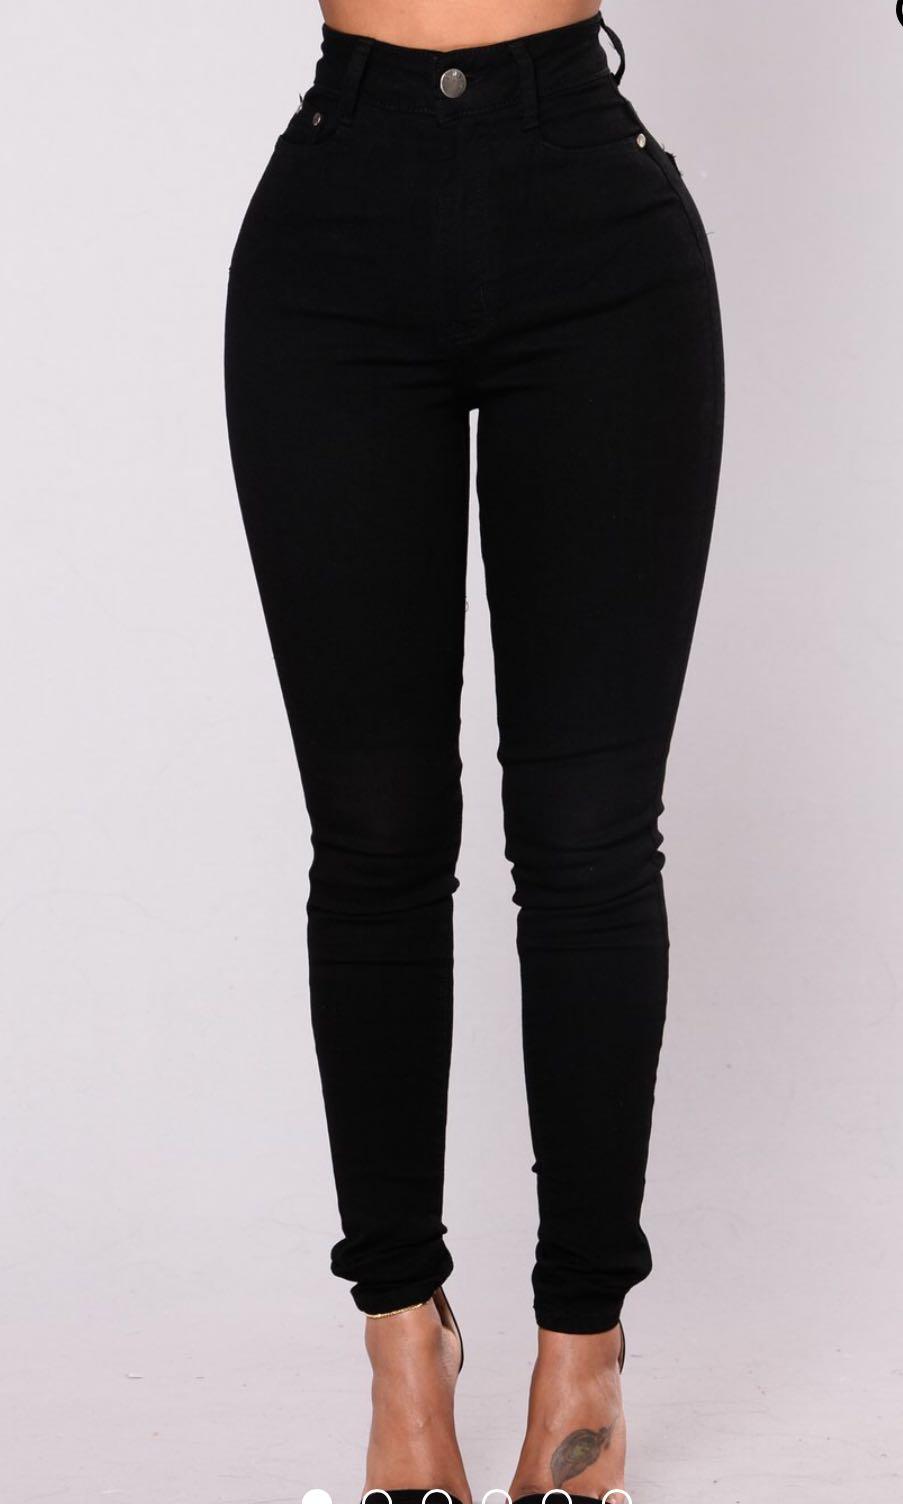 Fashionnova Black jeans